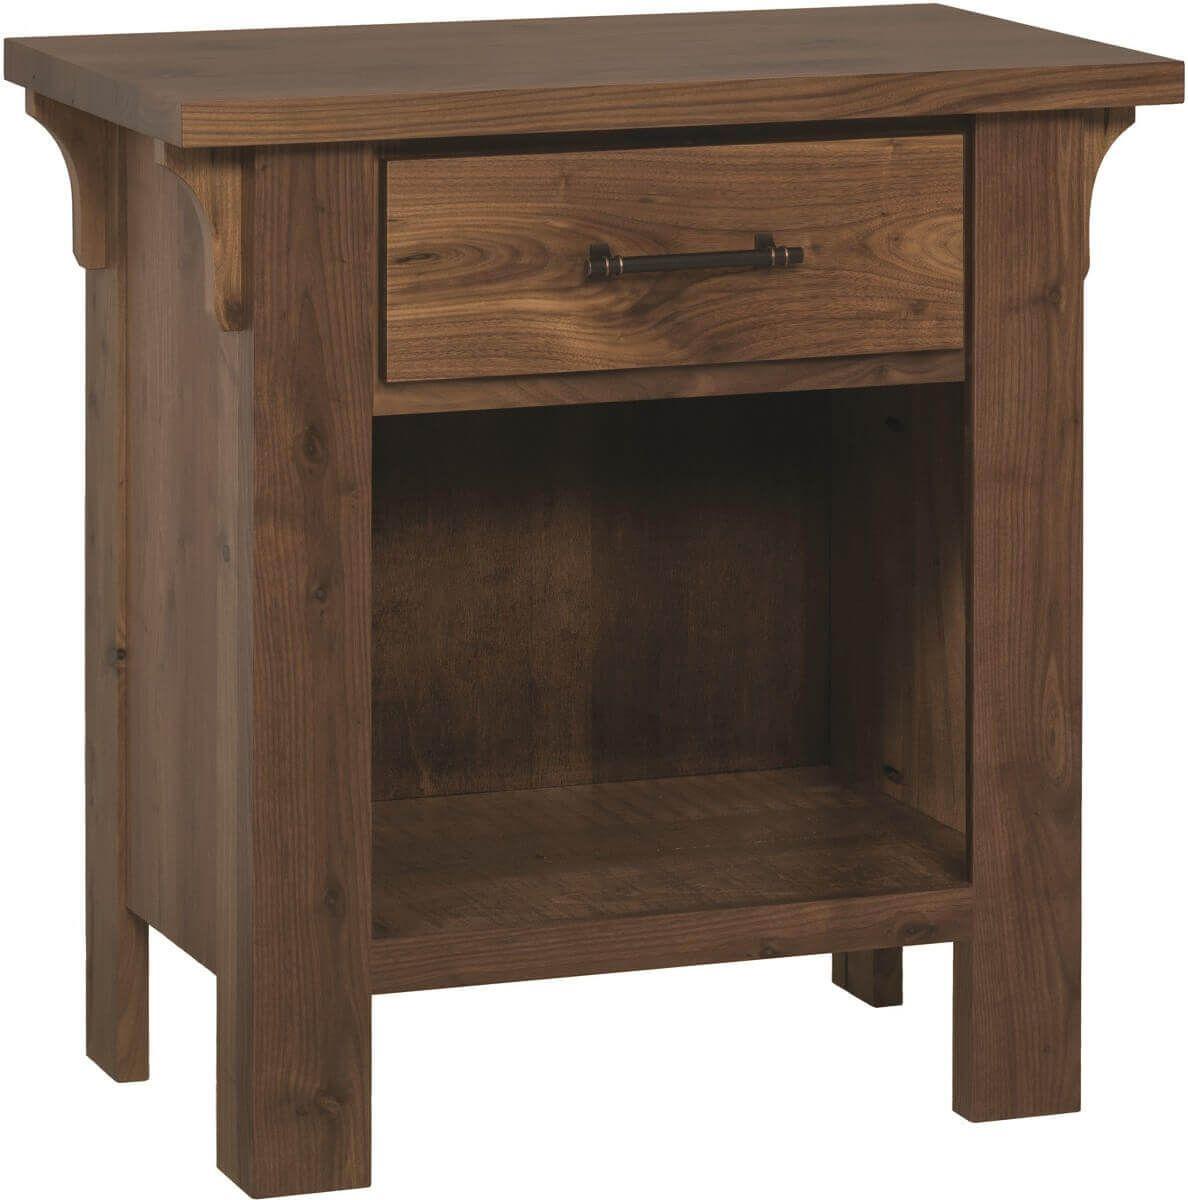 Bremerton 1-Drawer Bedside Table